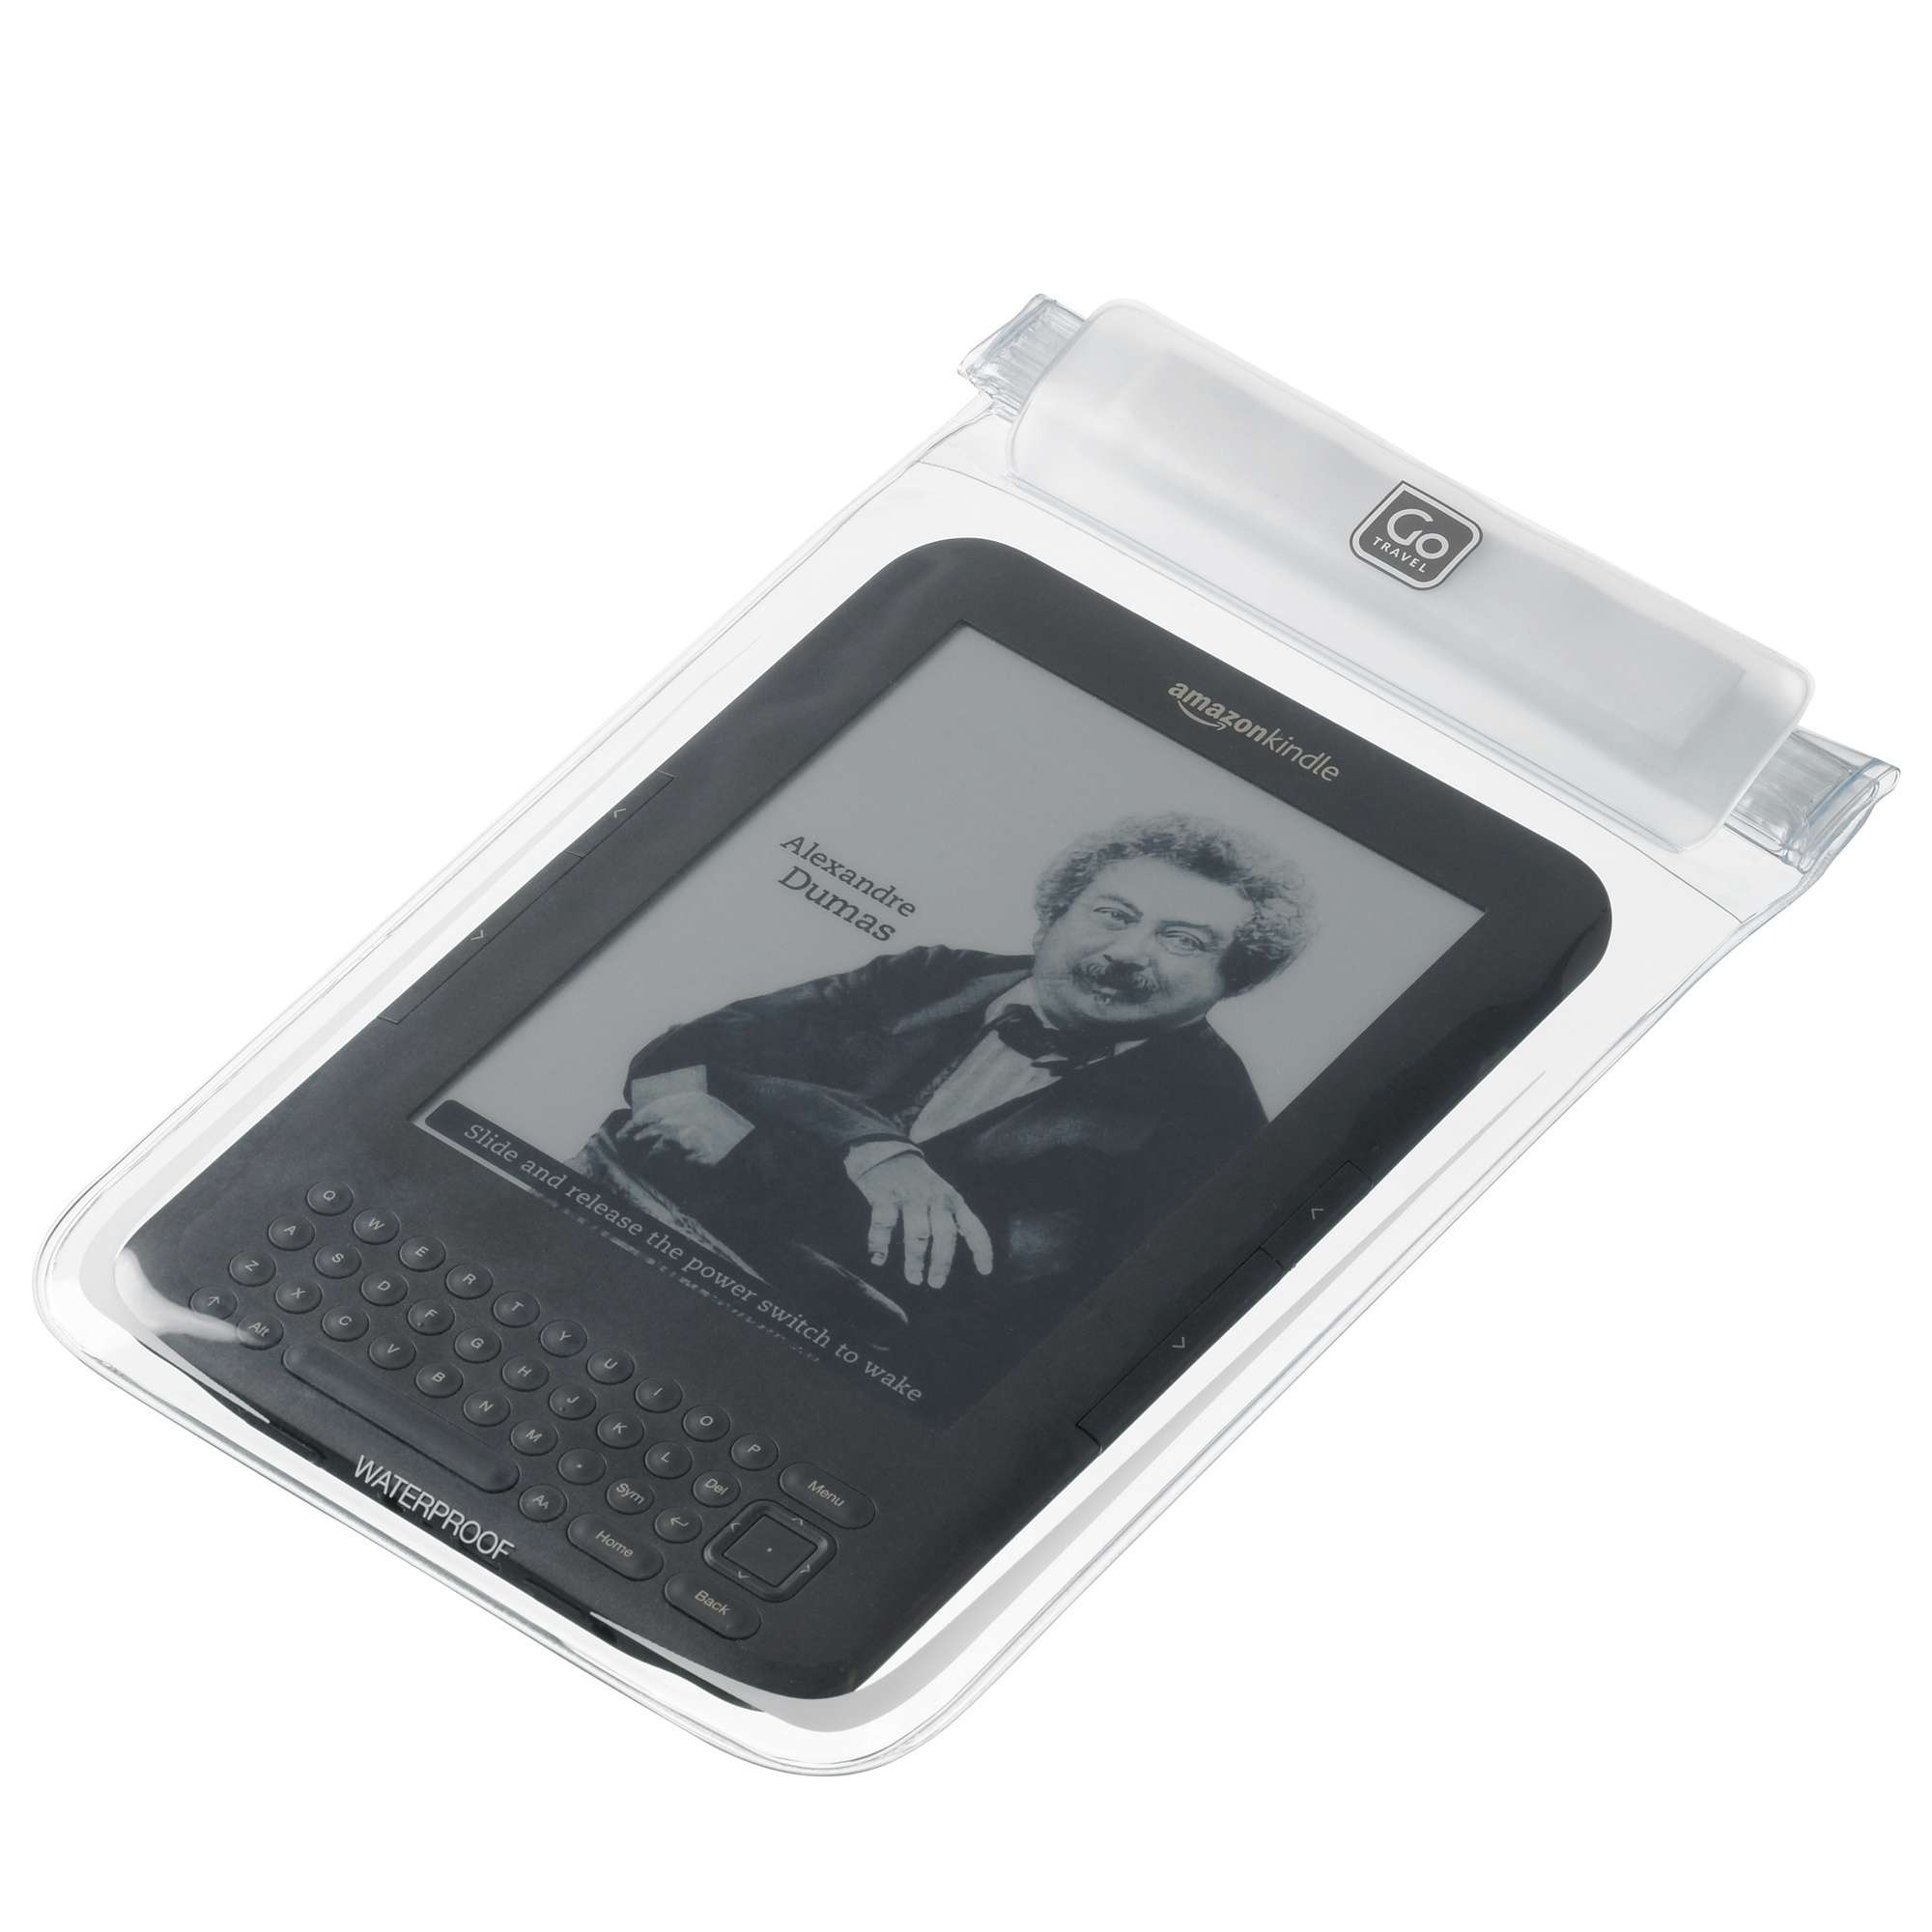 DESIGN GO Dry e-Reader Case